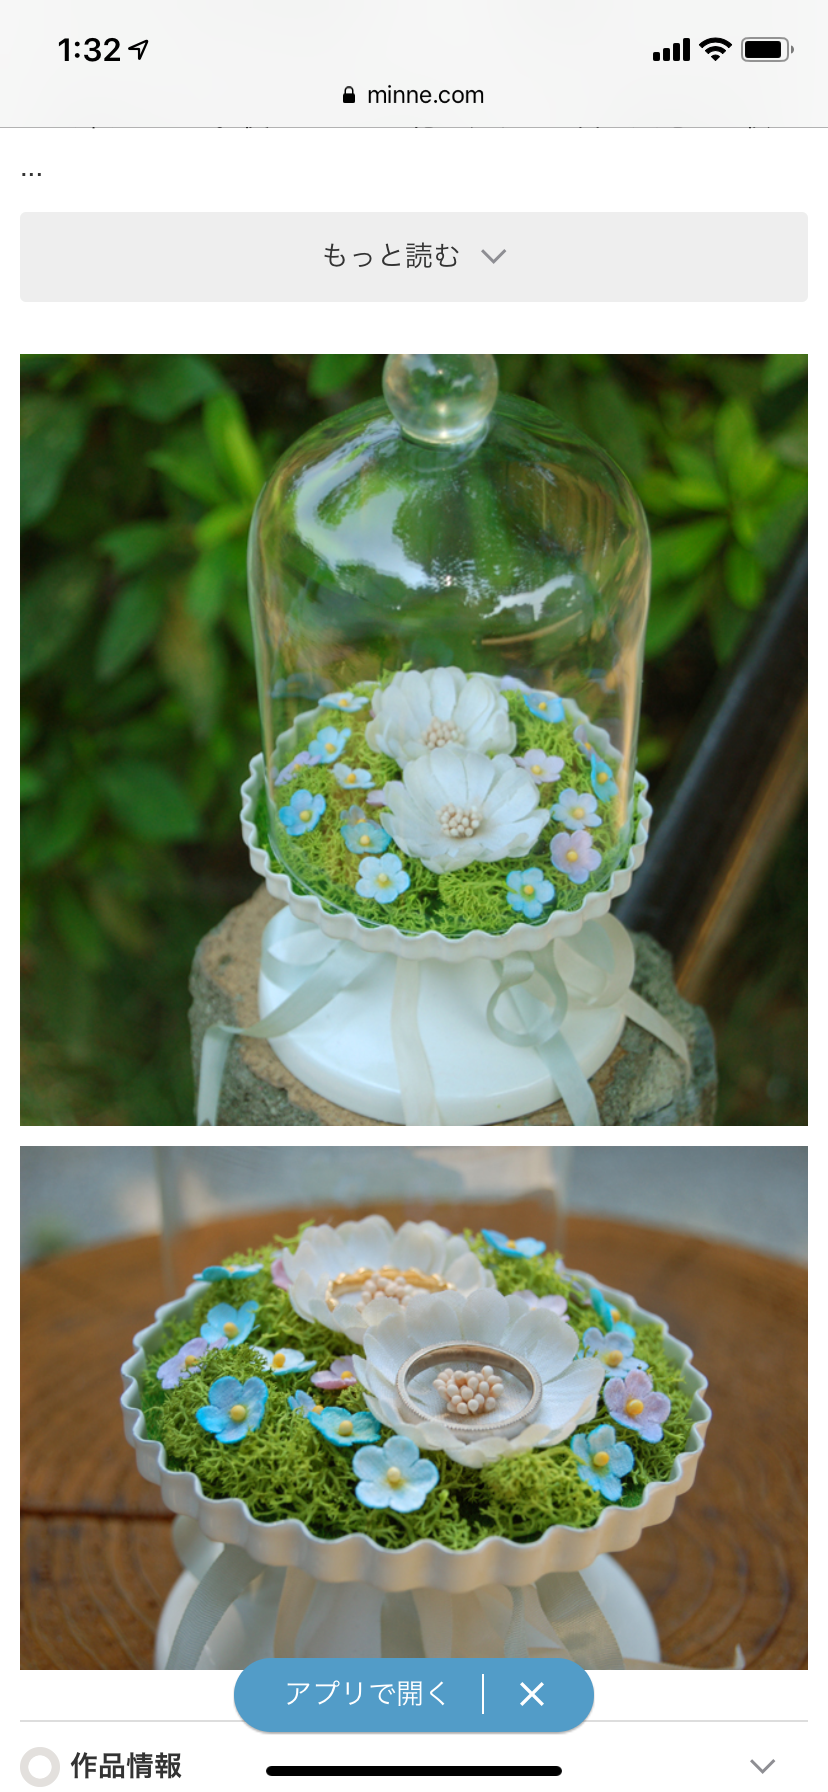 結婚式 小物 おしゃれまとめの人気アイデア Pinterest Keog 結婚式 小物 小物